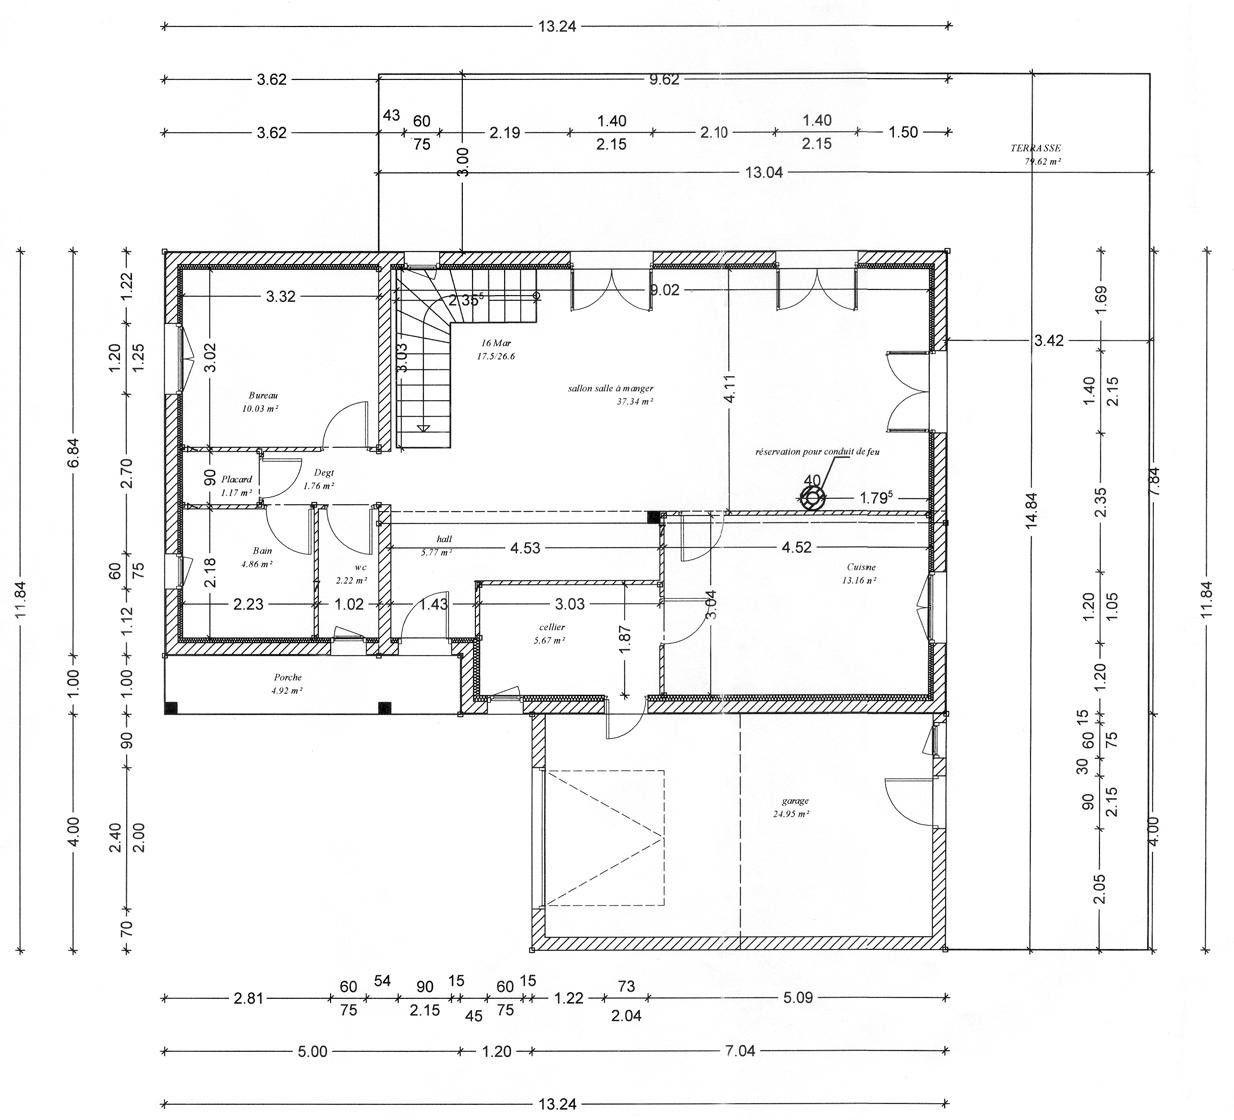 Simulateur Plan Maison Avec En 3d Elegant D House Plans Cote Ipsita Floor Plans How To Plan